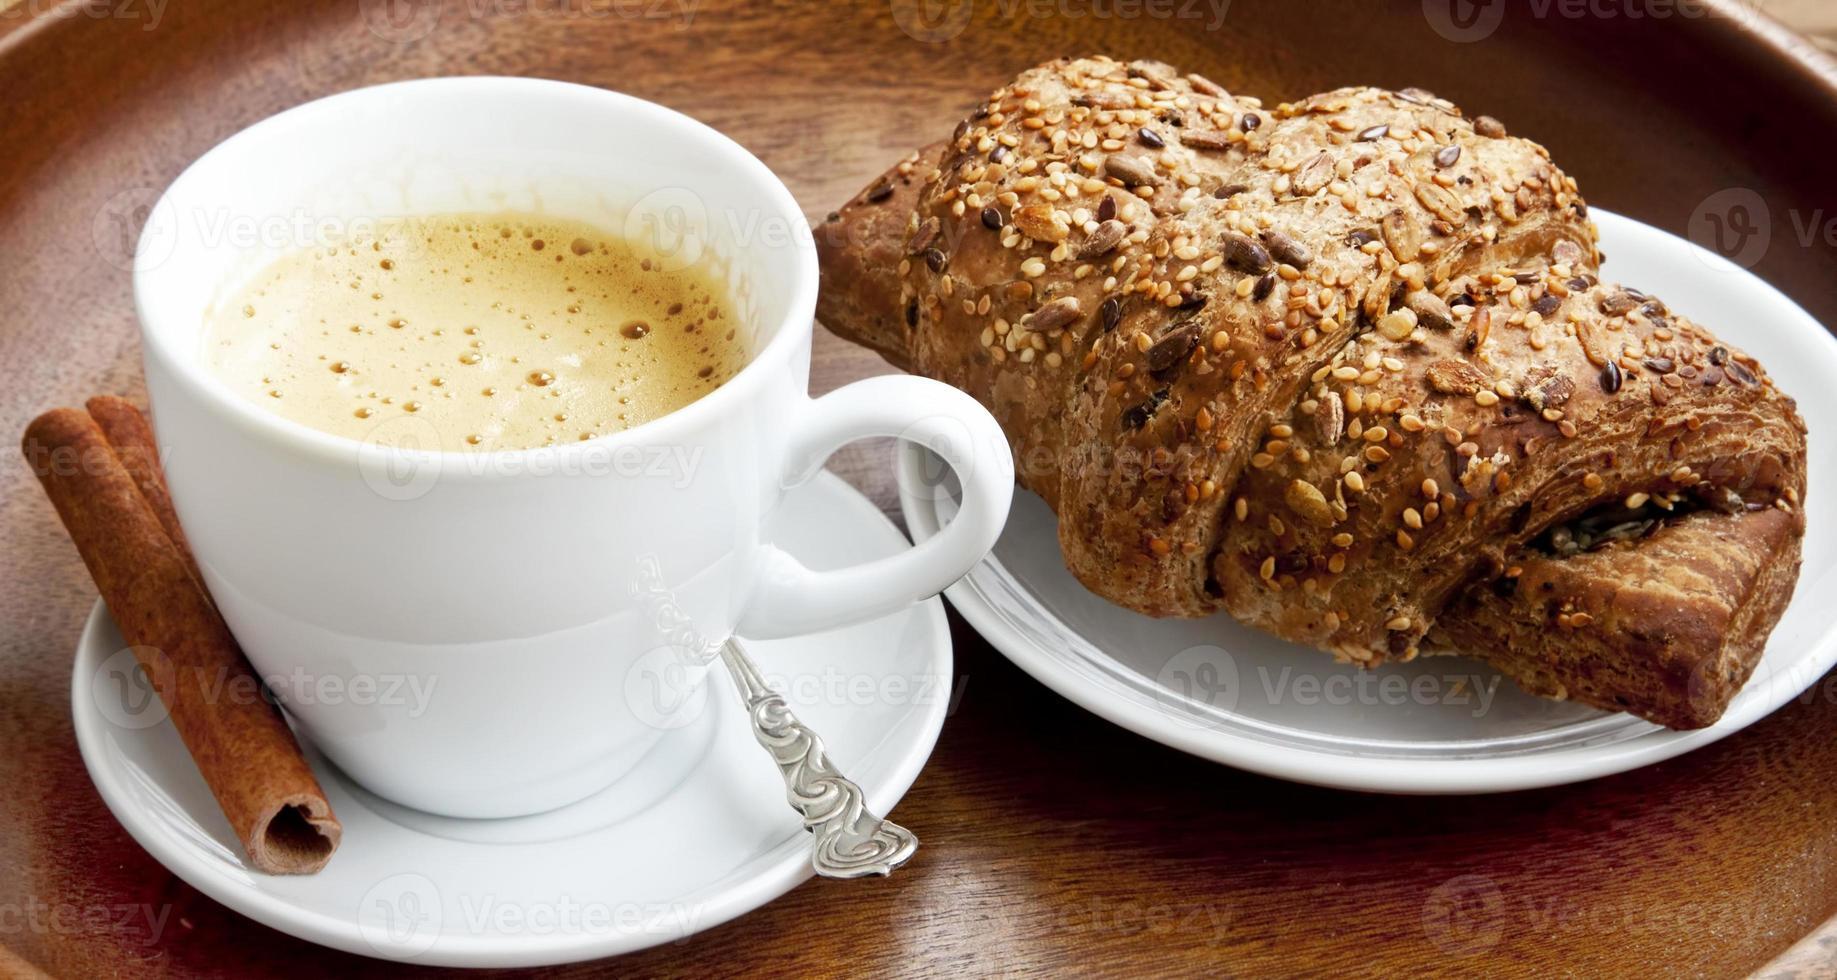 koffie met croissant foto